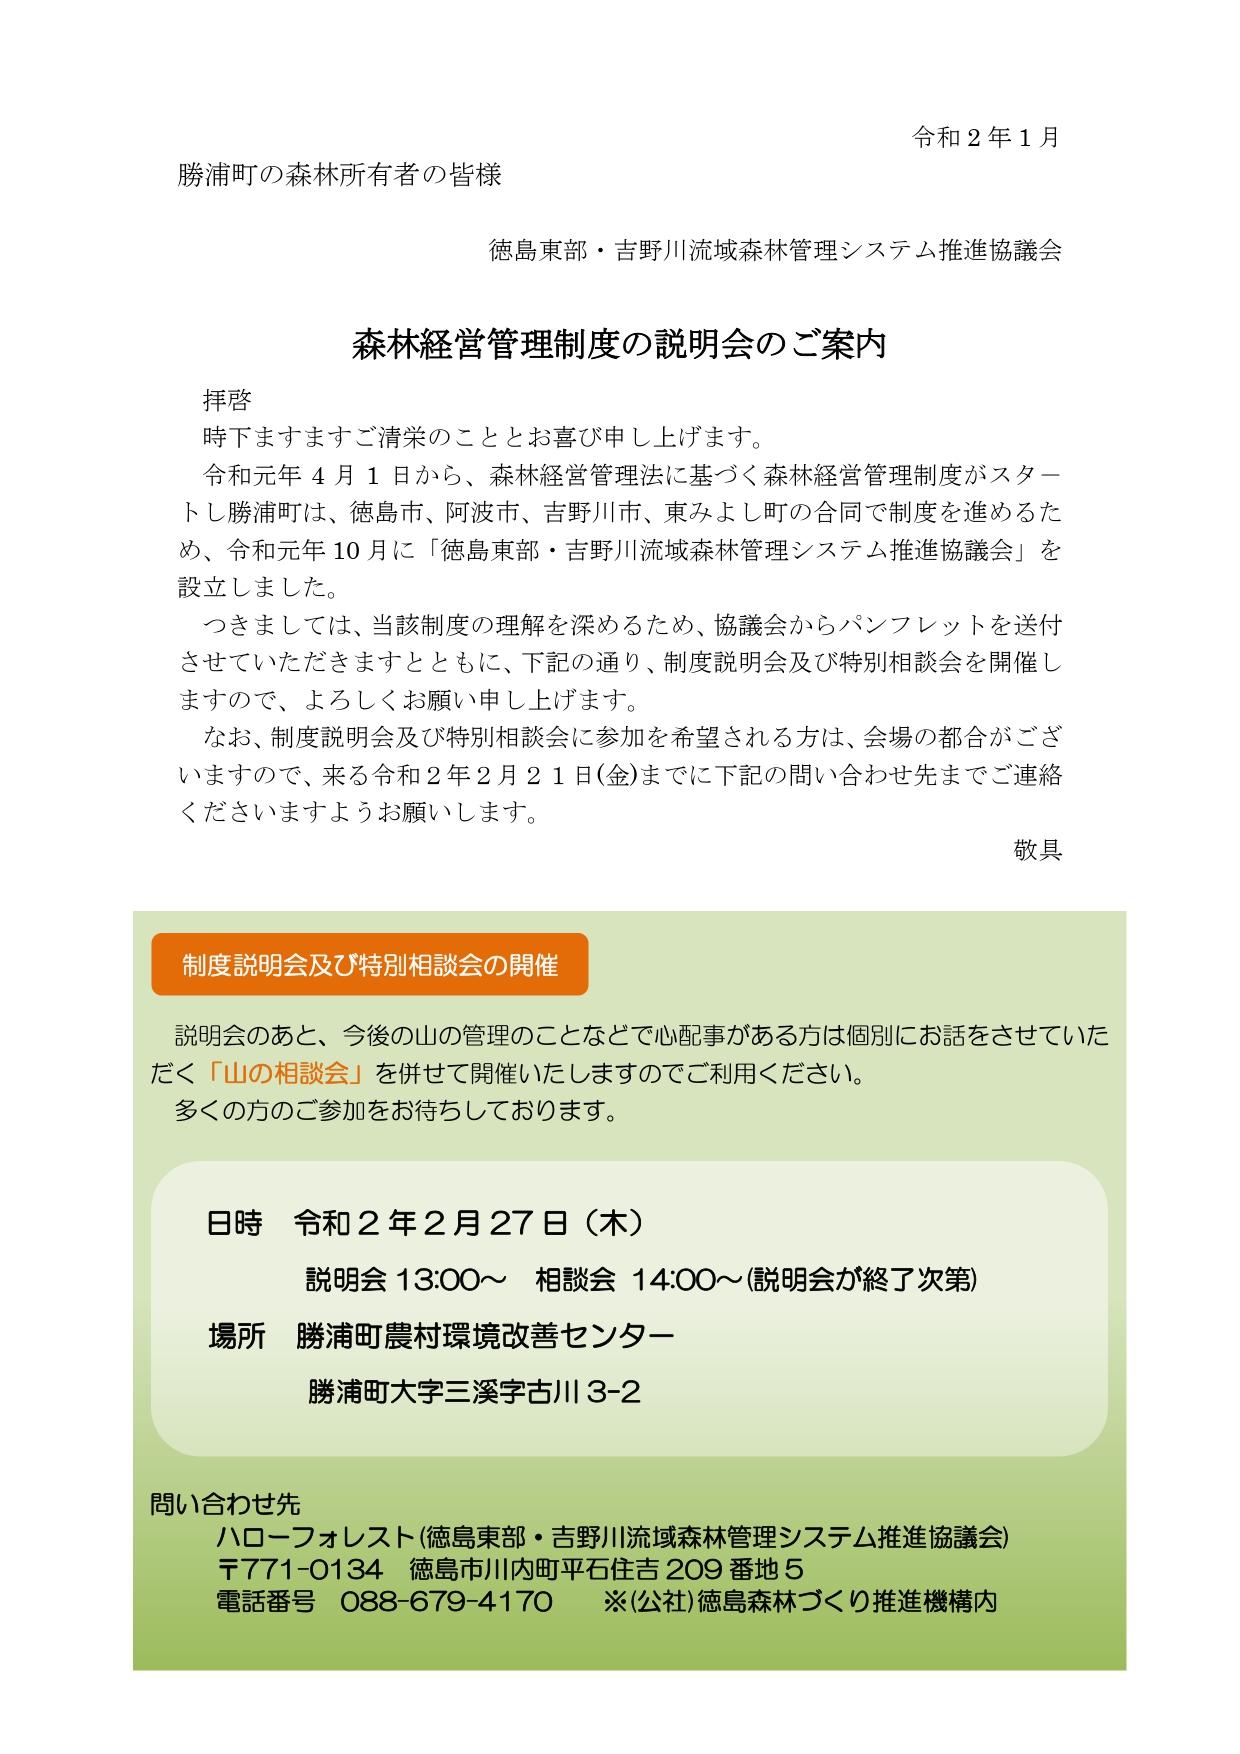 パンフレット送付のご案内(勝浦町)